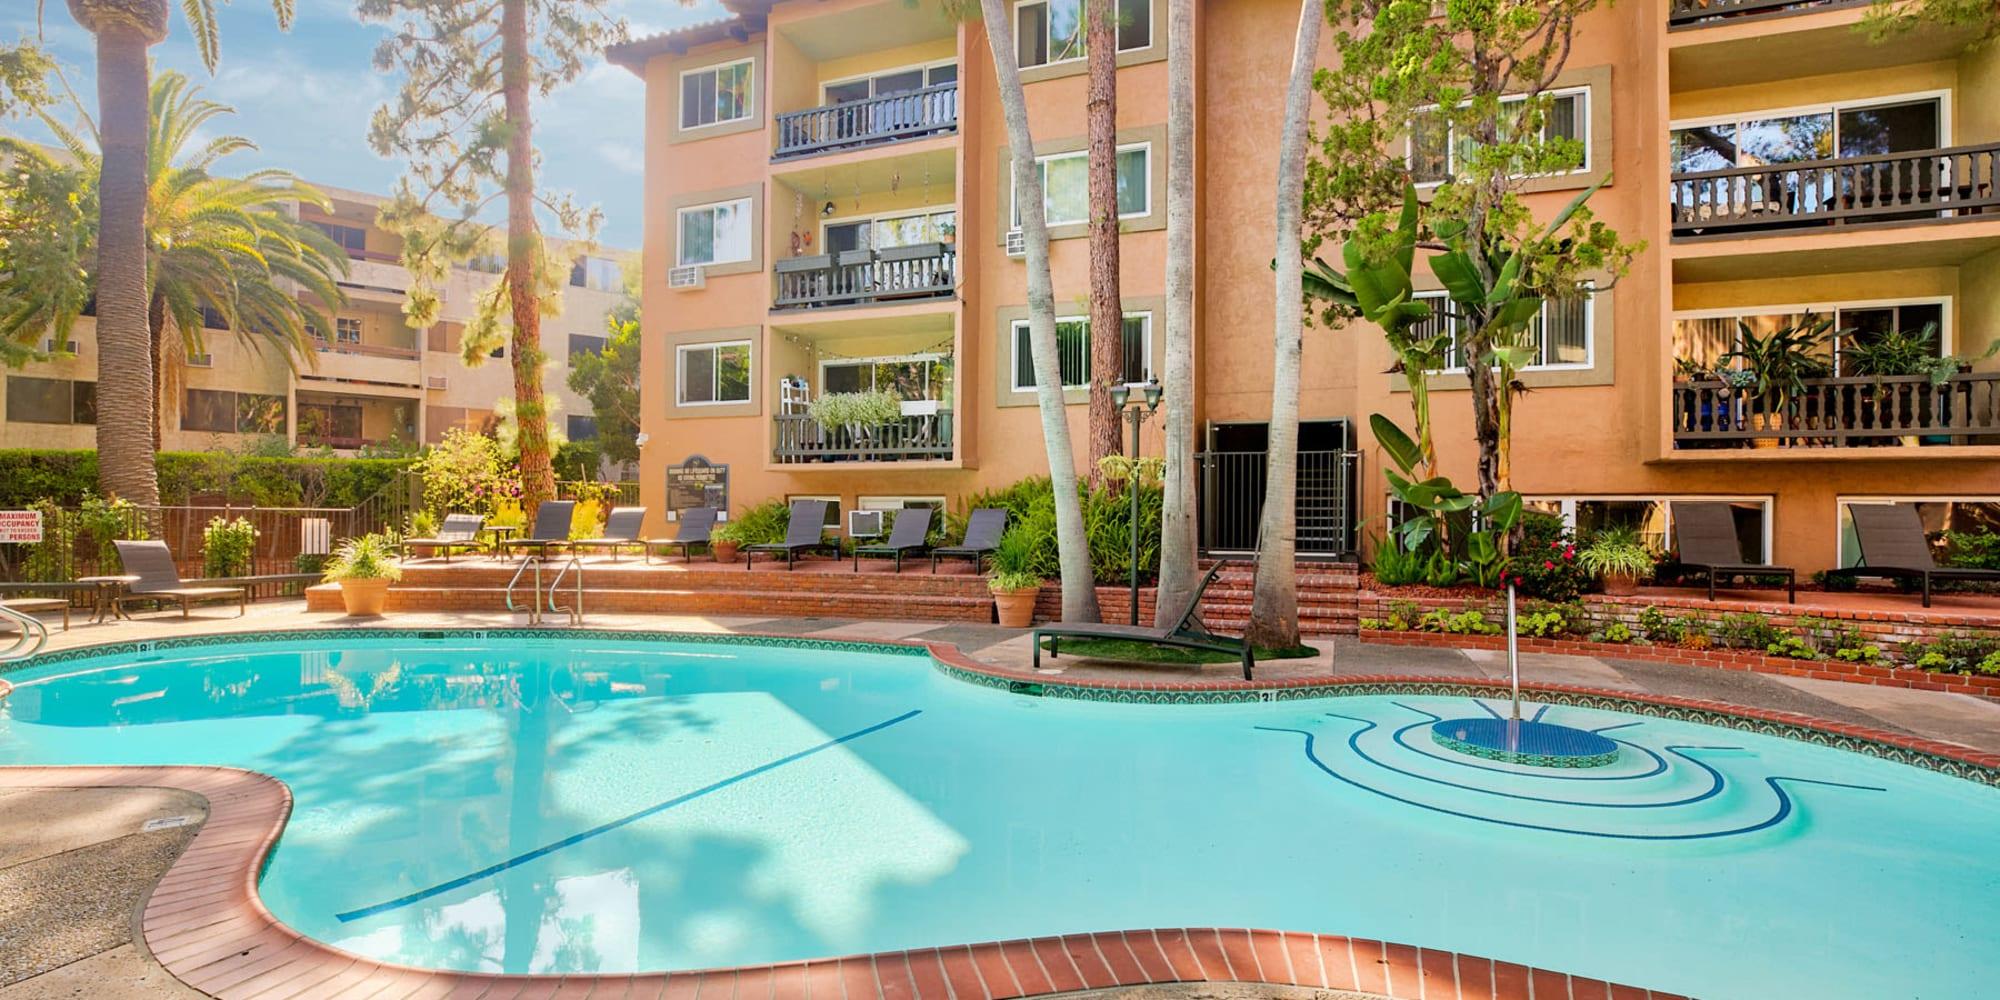 Resort-style swimming pool at Casa Granada in Los Angeles, California